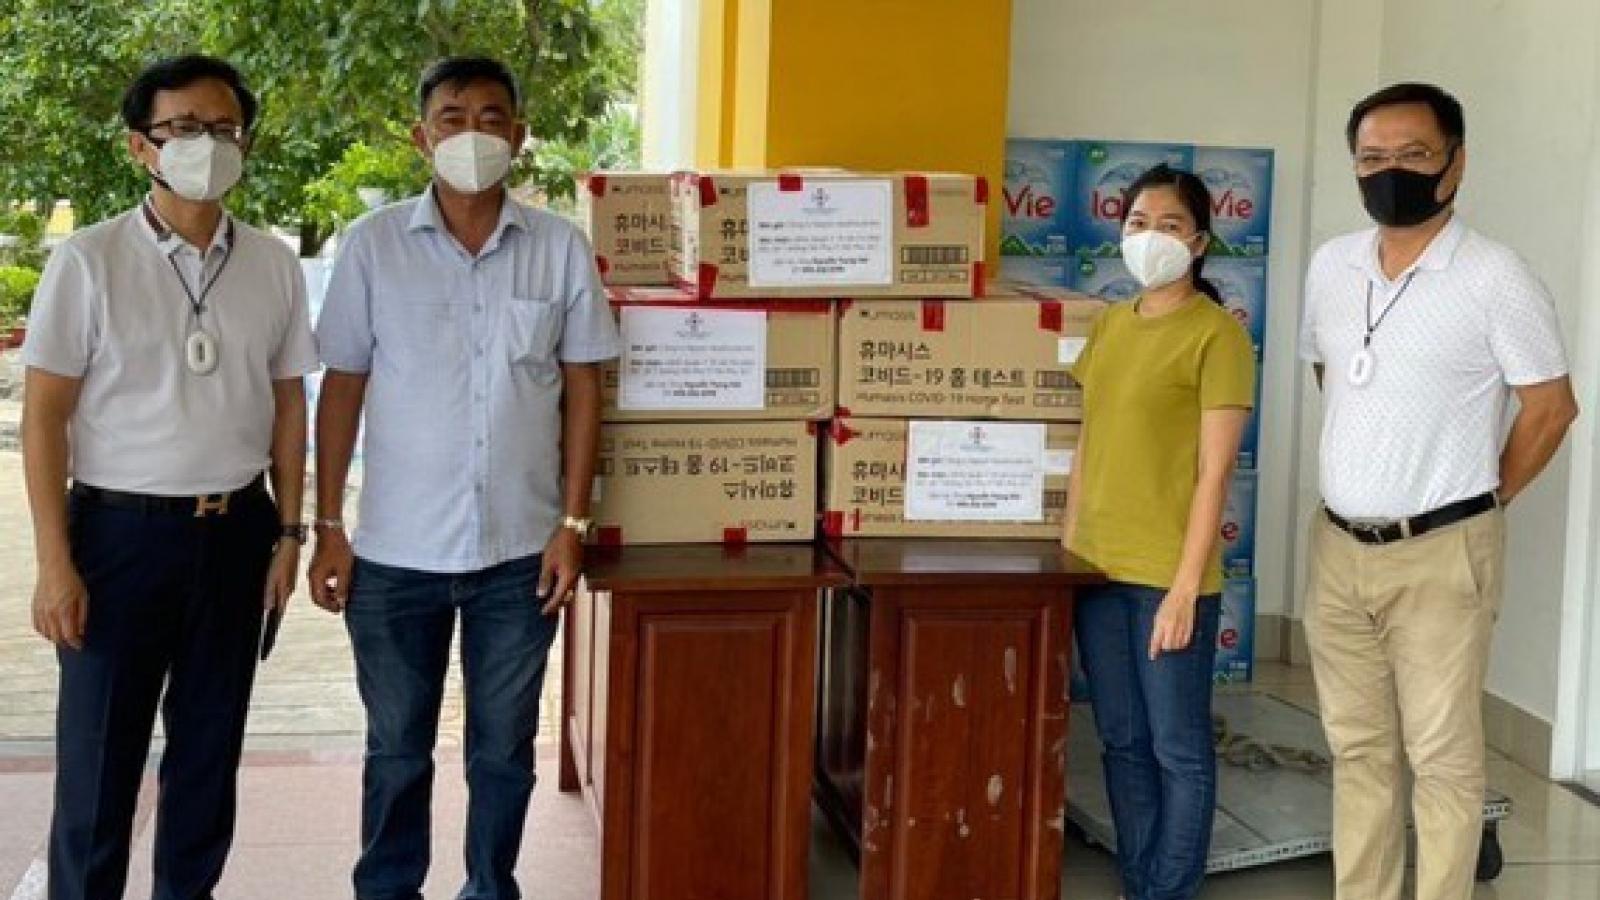 Kiều bào tặng 30.000 khẩu trang và 12.000 test kit hỗ trợ TP.HCM chống dịch